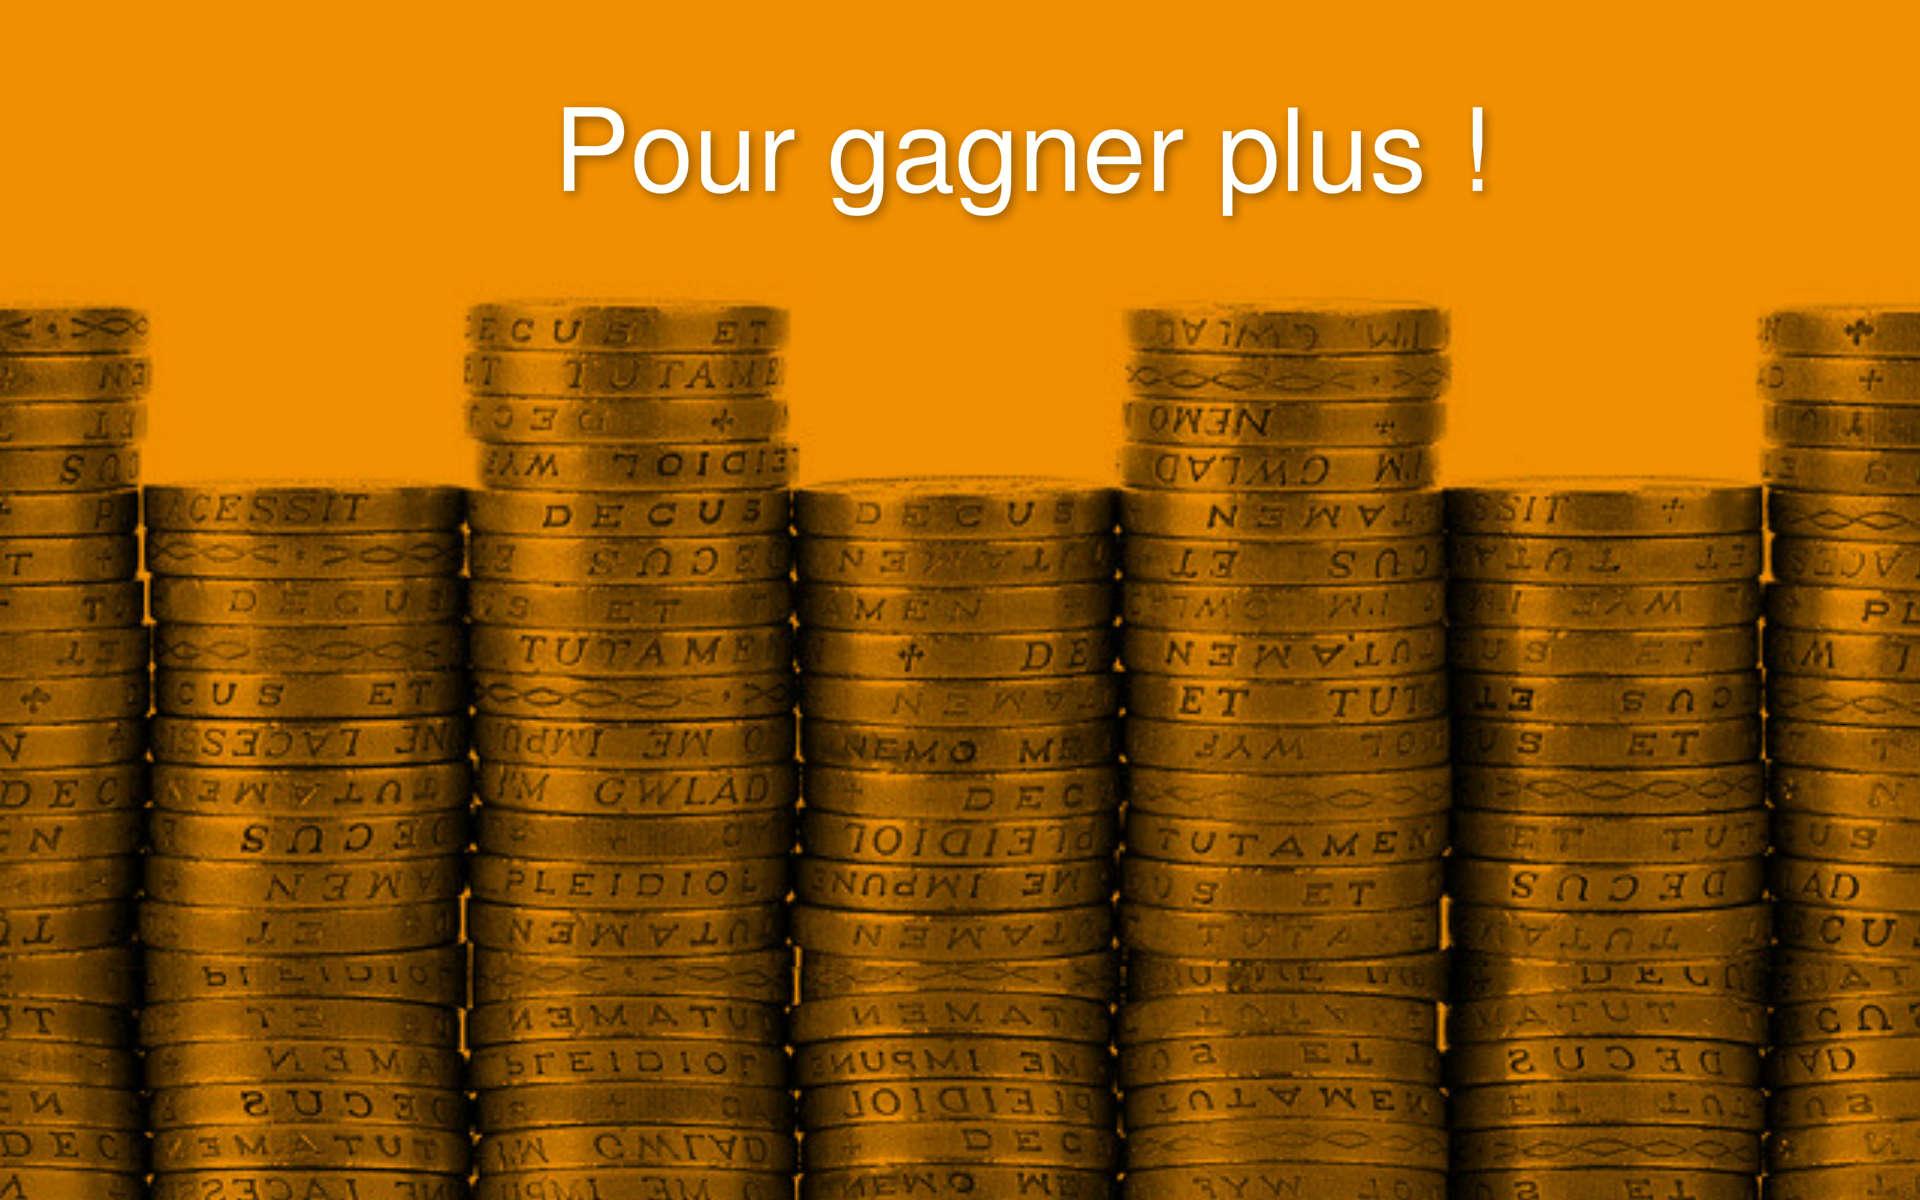 Gagnez Plus avec Achats Solutions Expertise, Stratégie Achat Supply Chain à Strasbourg, en Alsace, en Lorraine et sur Paris